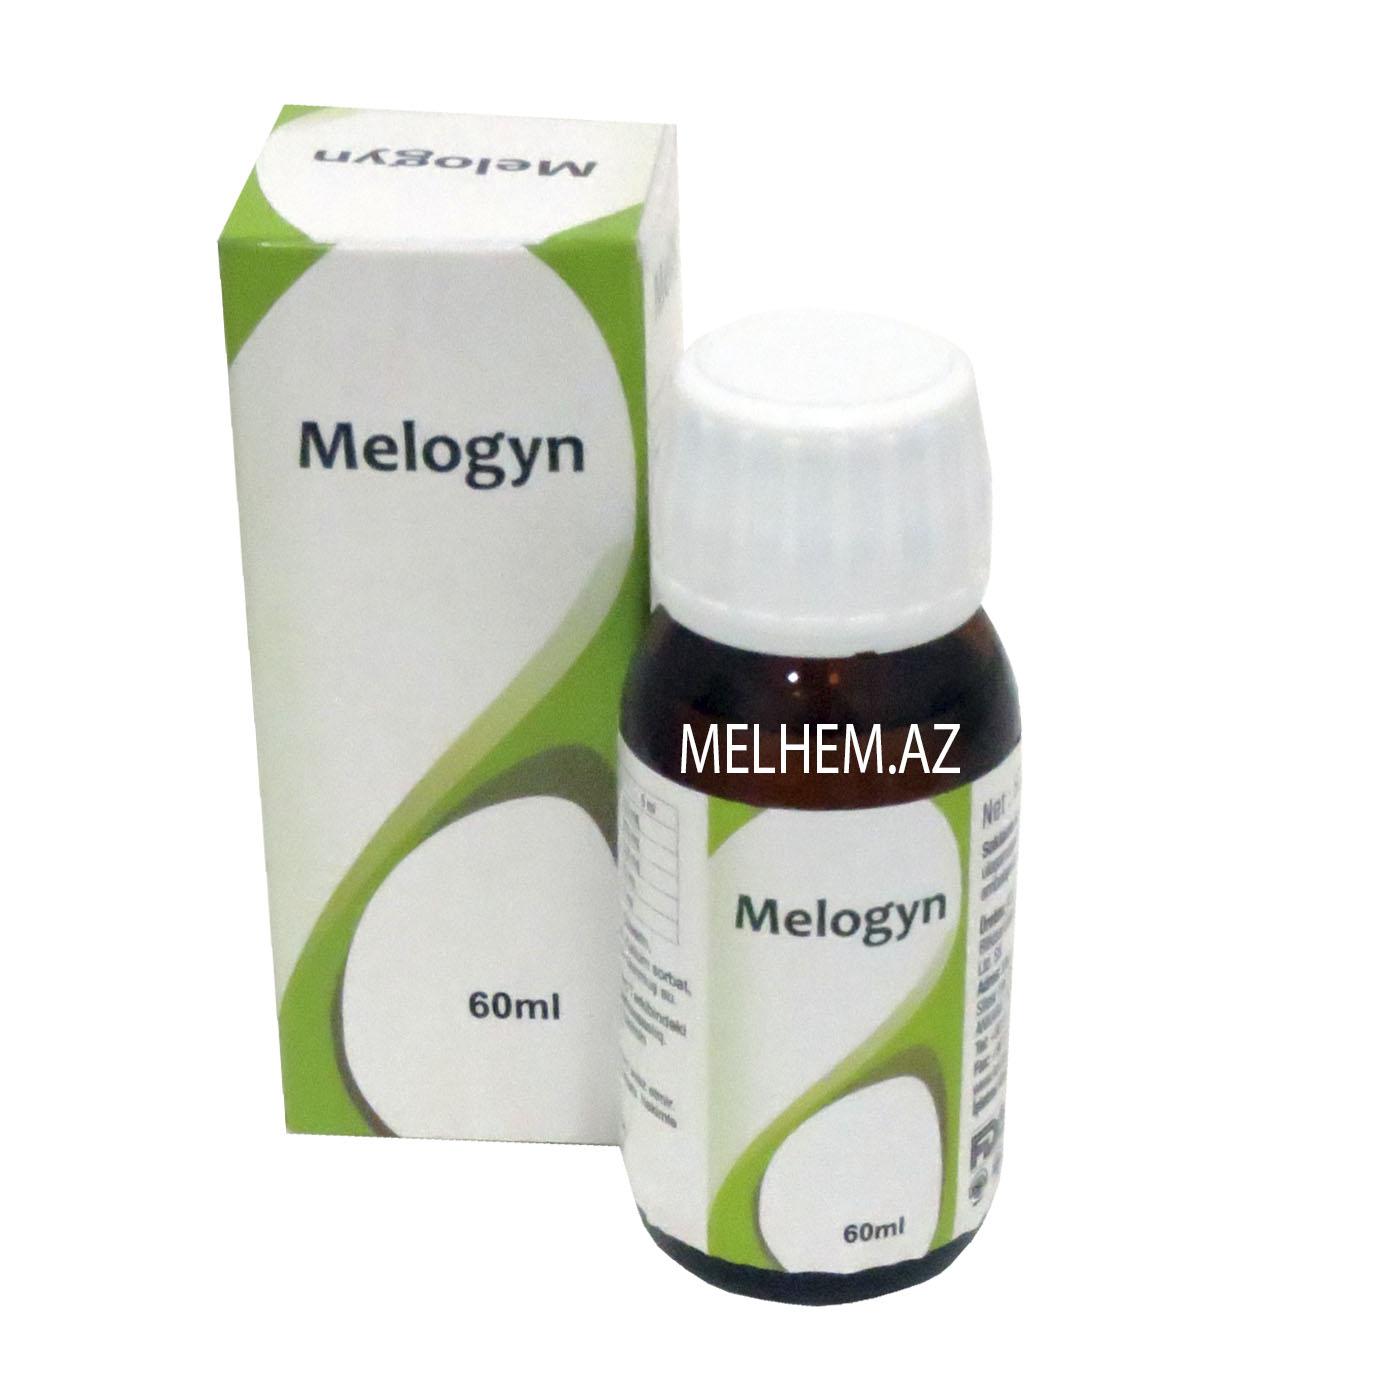 MELOGYN